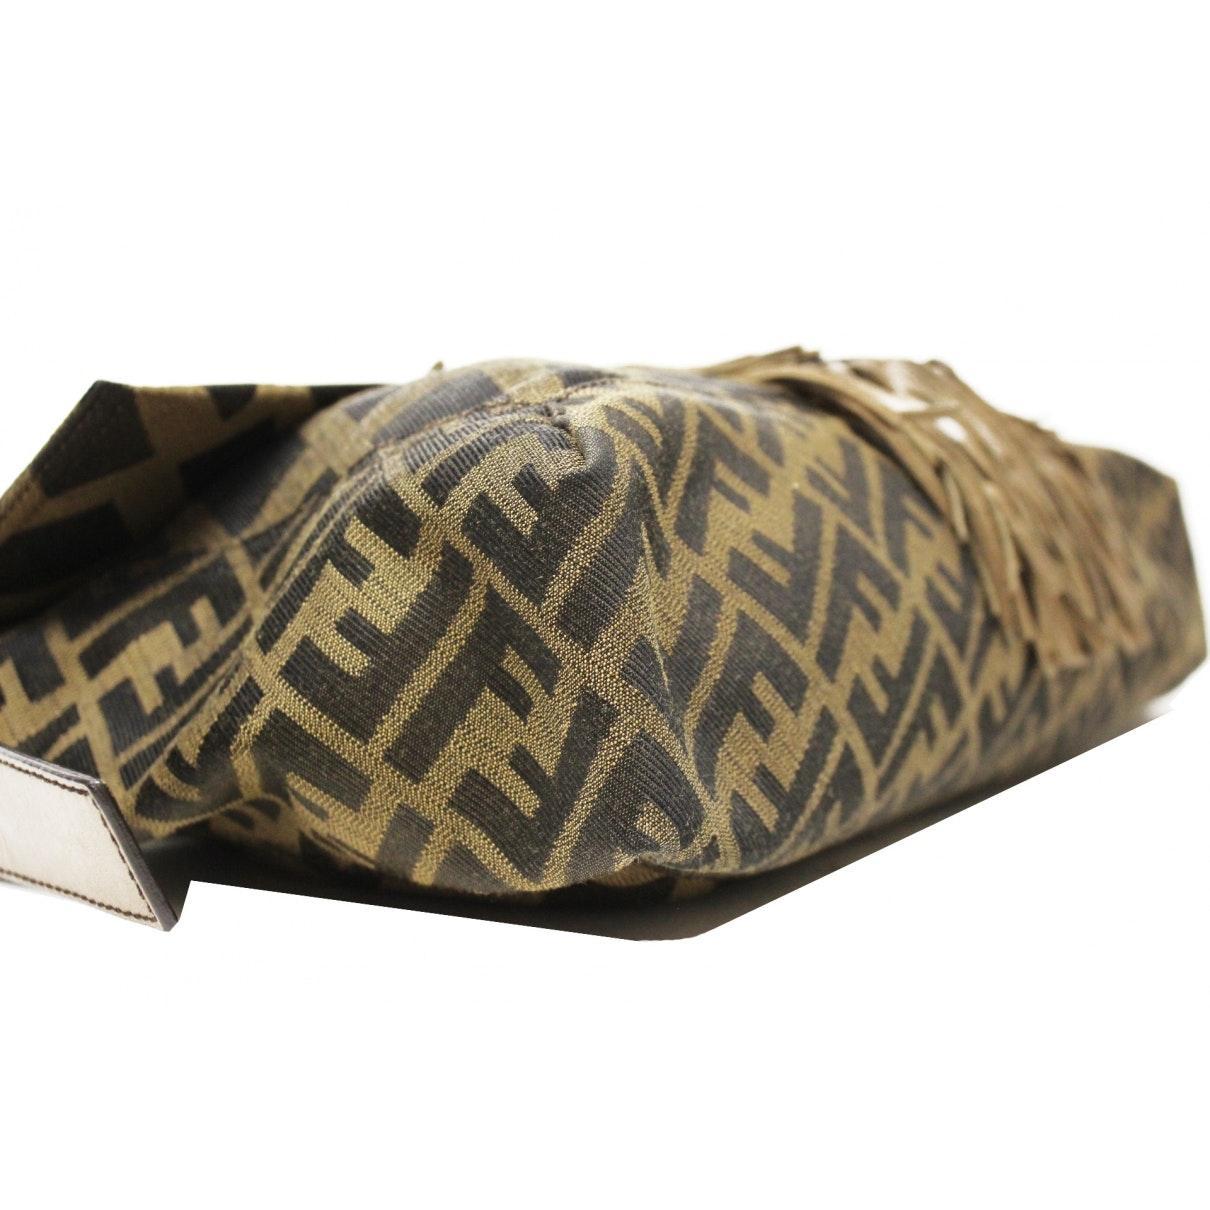 Fendi Baguette Leinen Handtaschen in Braun U0P4c